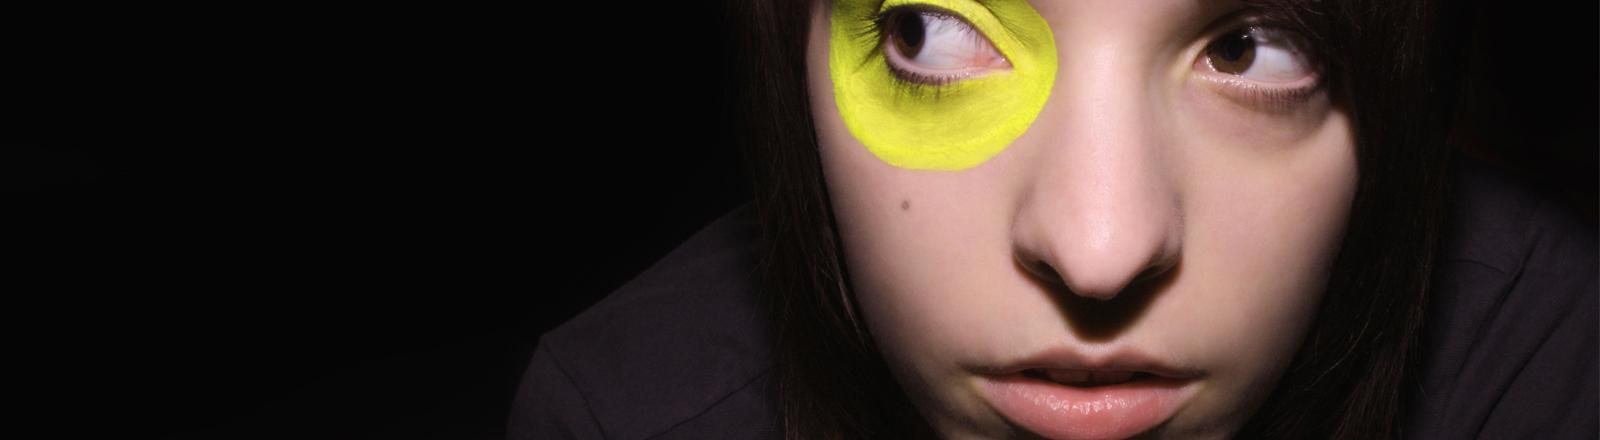 Eine Frau mit gelb ummalten Auge schaut etwas erschrocken.